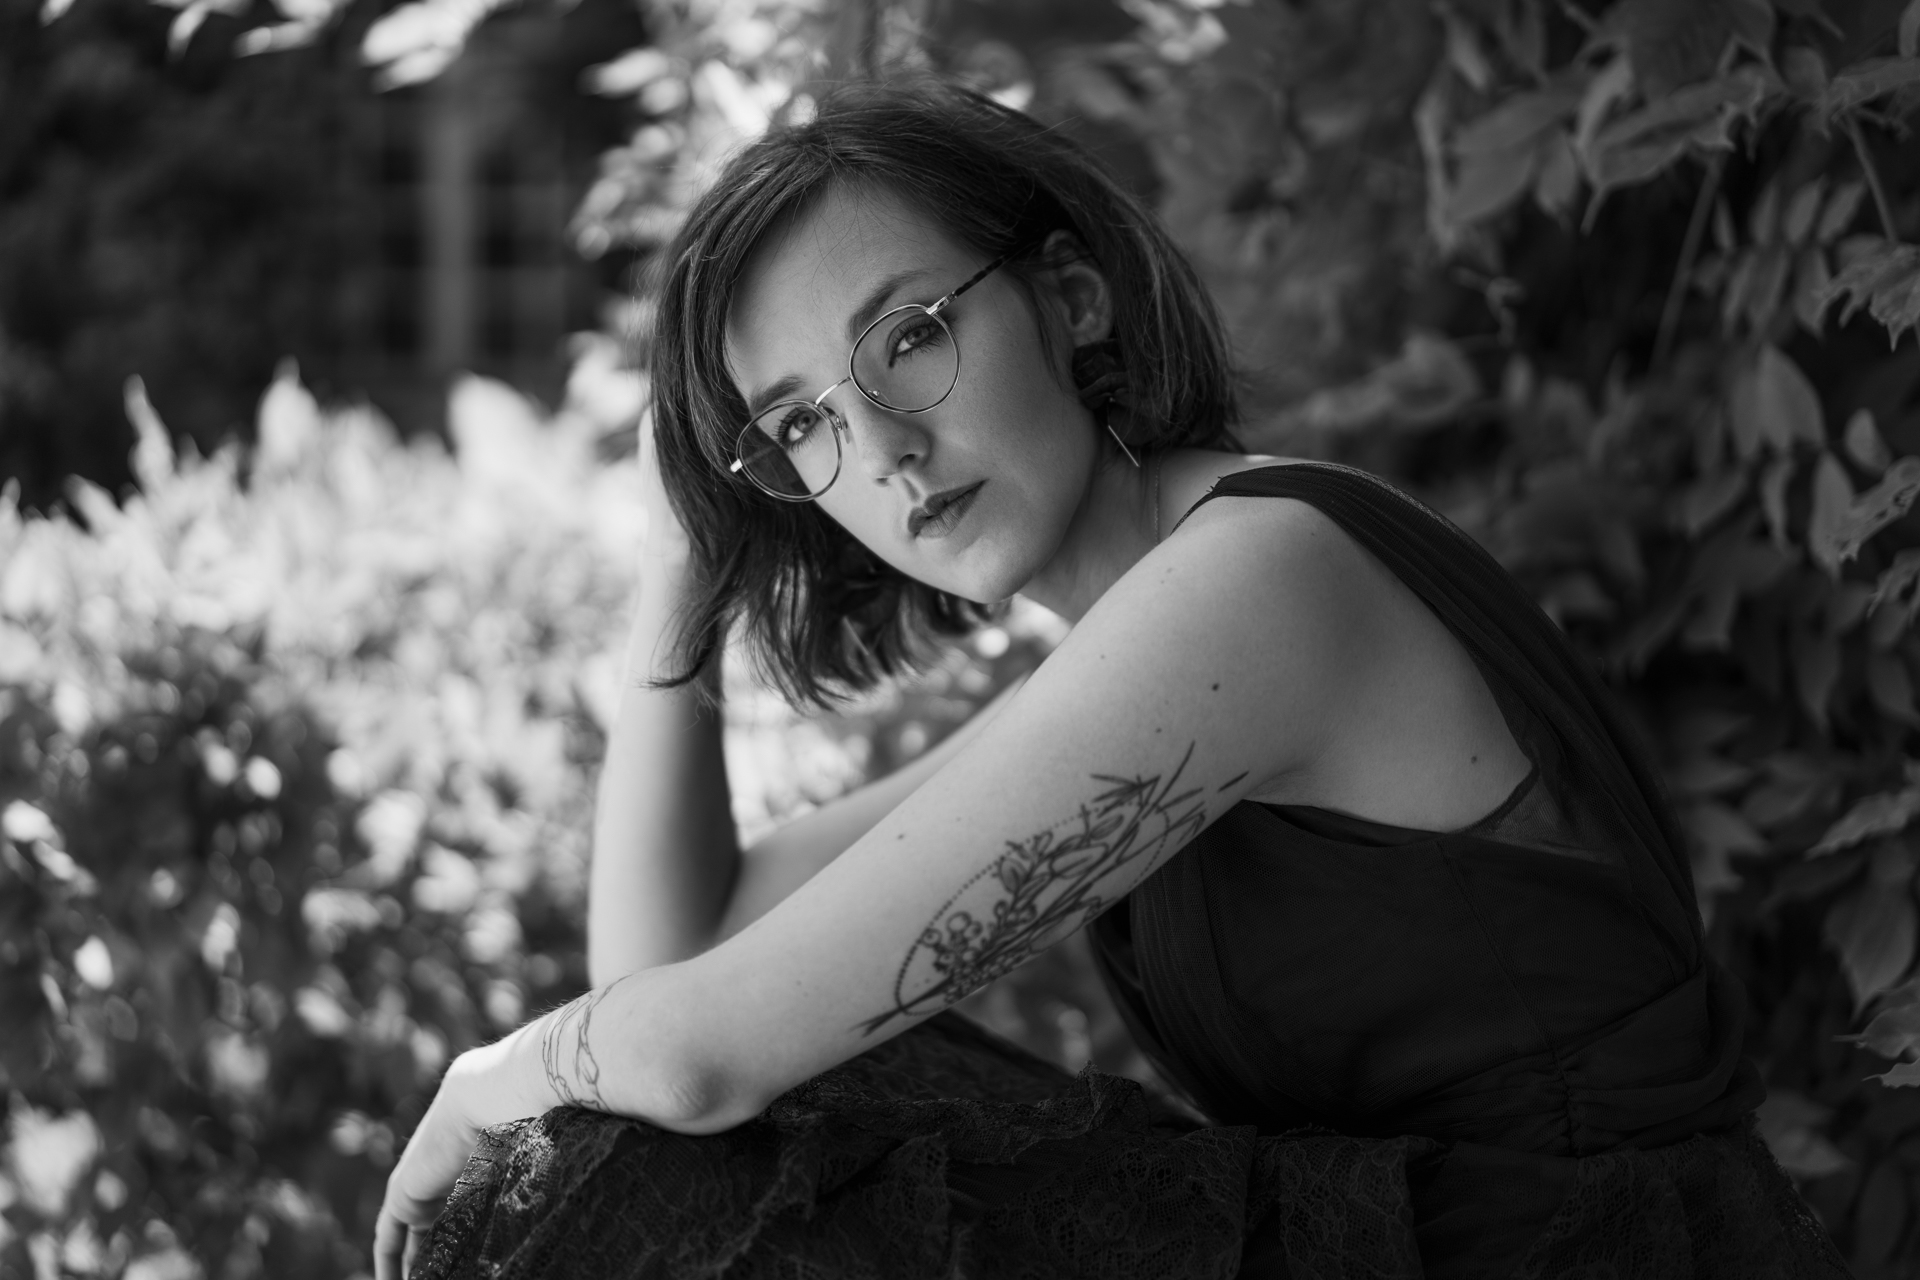 Portrait noir et blanc d'une jeune femme assise dans un jardin